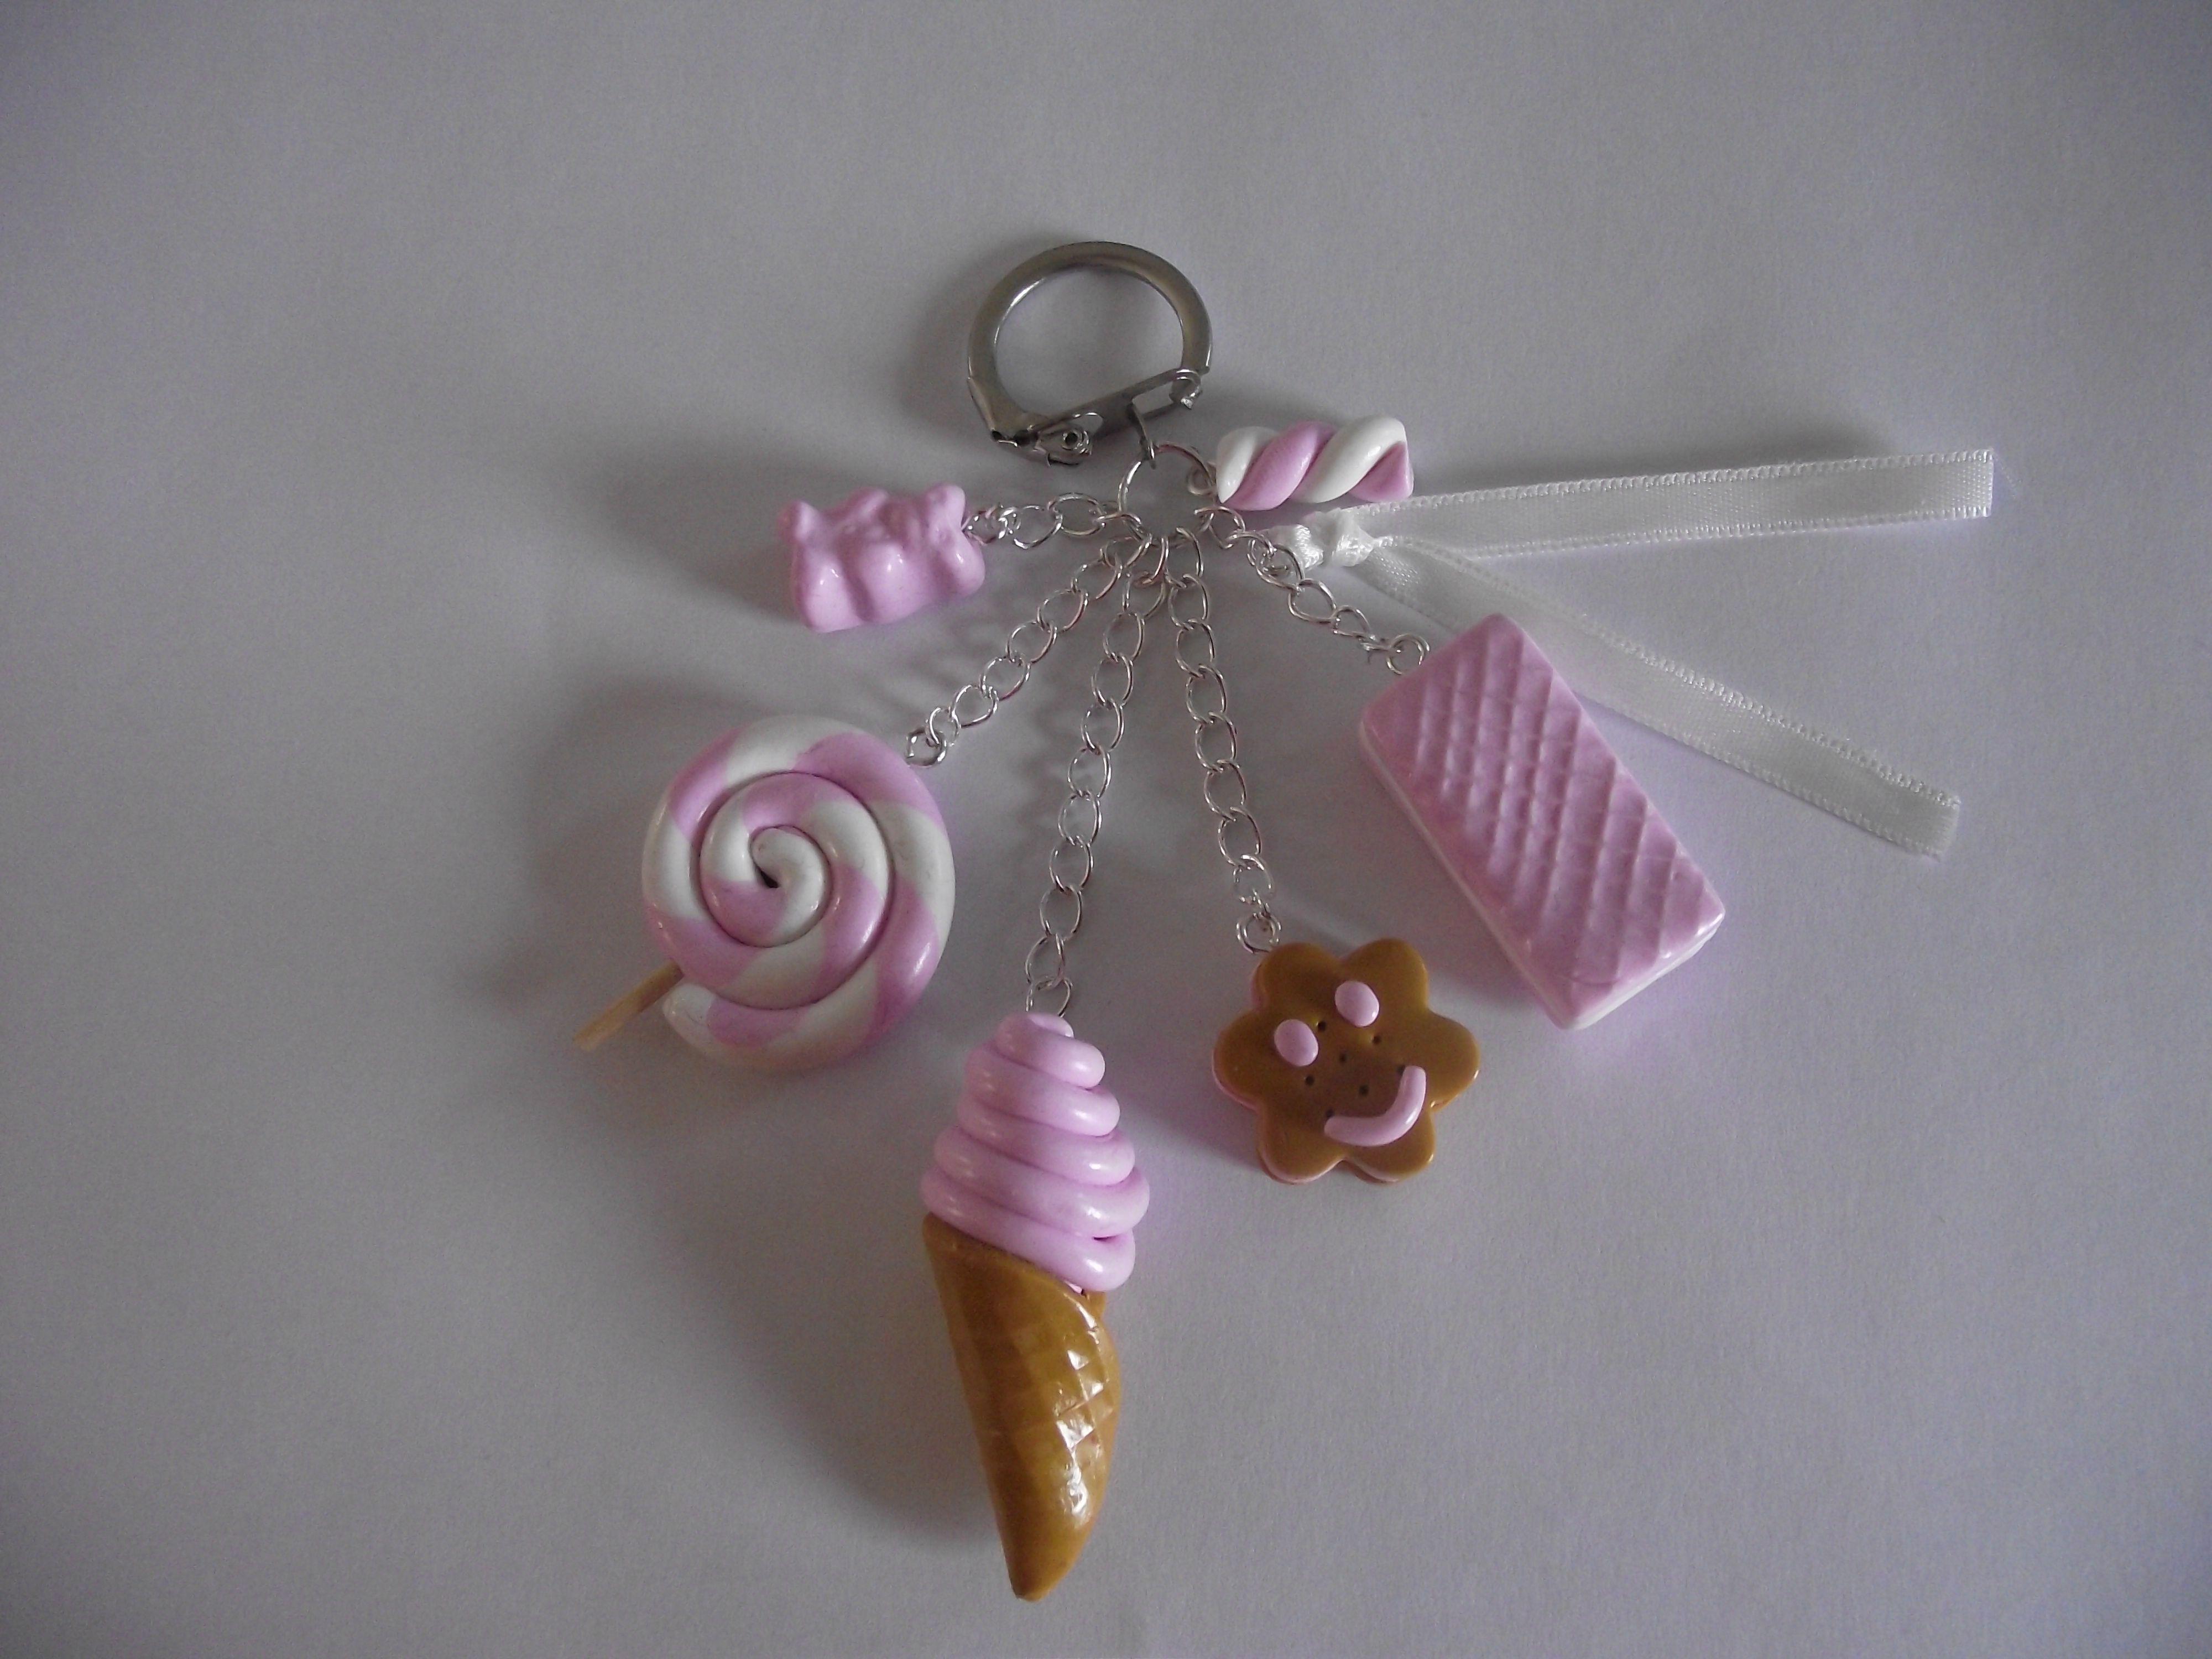 Porte clés Gourmand avec nounours, sucette, glace, gaufrette, Biscuit fleur  et guimauve